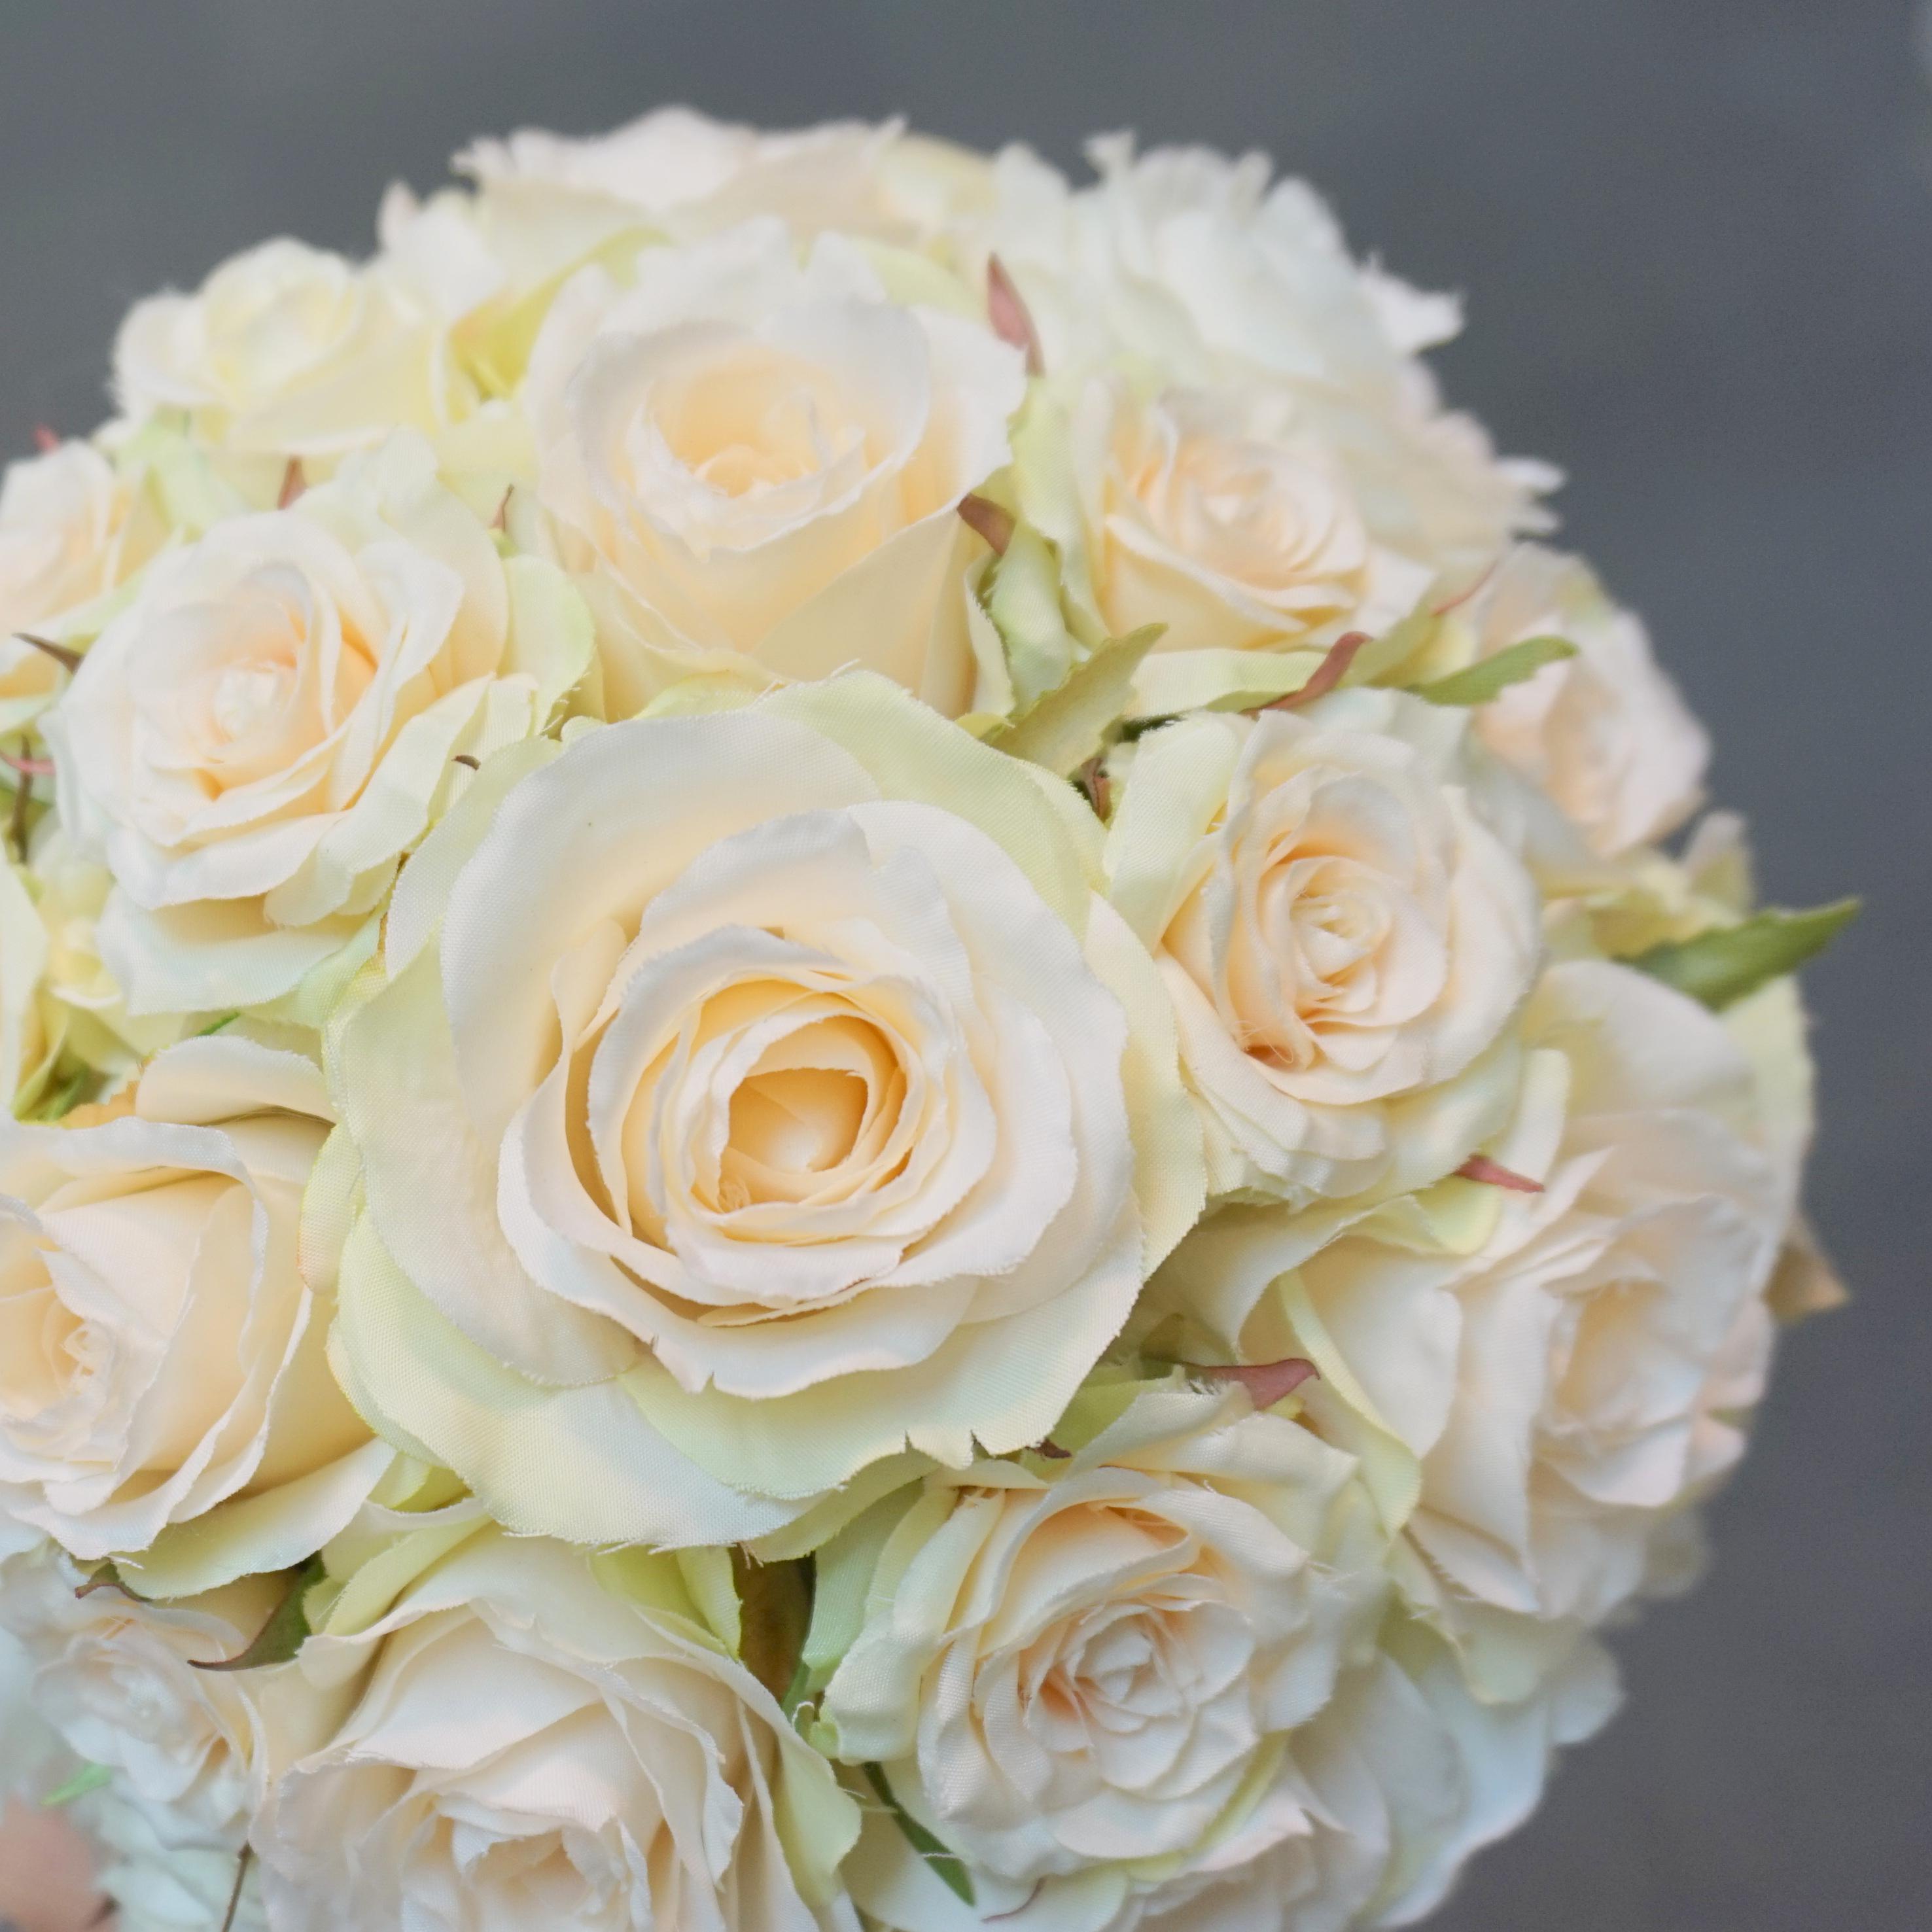 白い薔薇のラウンドブーケ